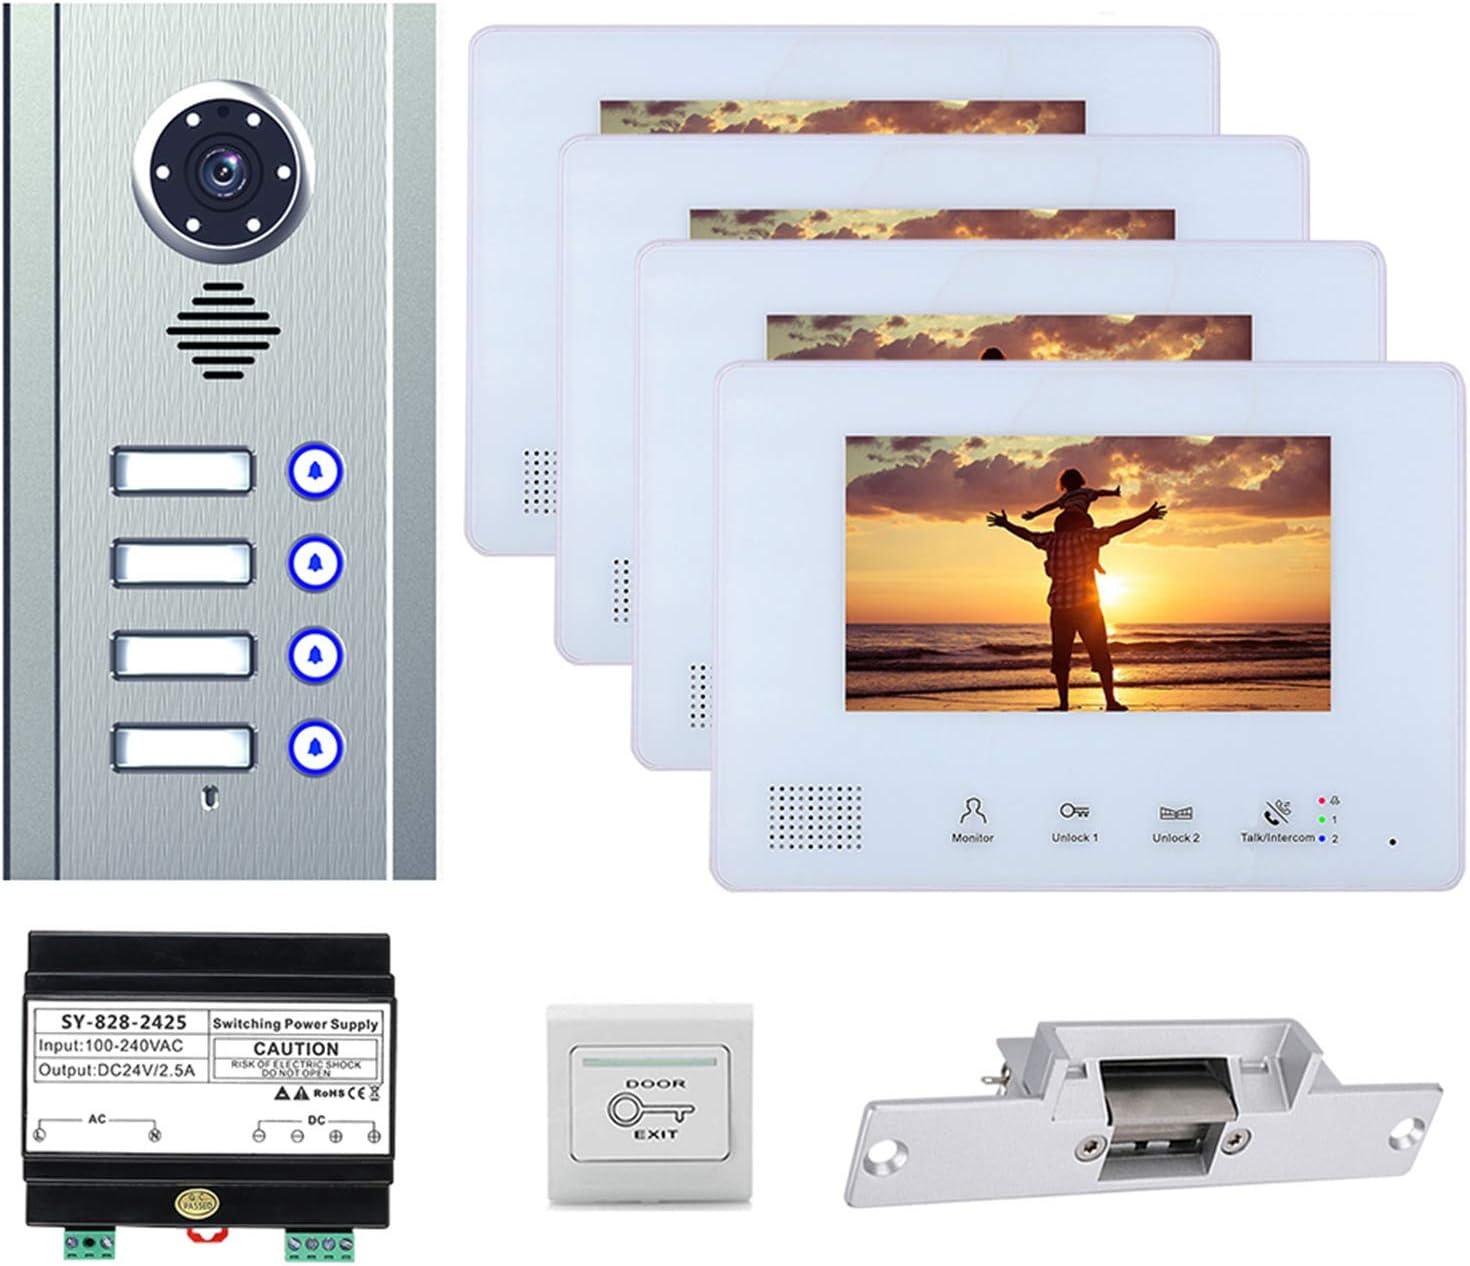 Timbre con video, sistemas de intercomunicación con videoportero para el apartamento en casa, cámara de visión nocturna + monitor de 7 pulgadas + cerradura electrónica,4 units